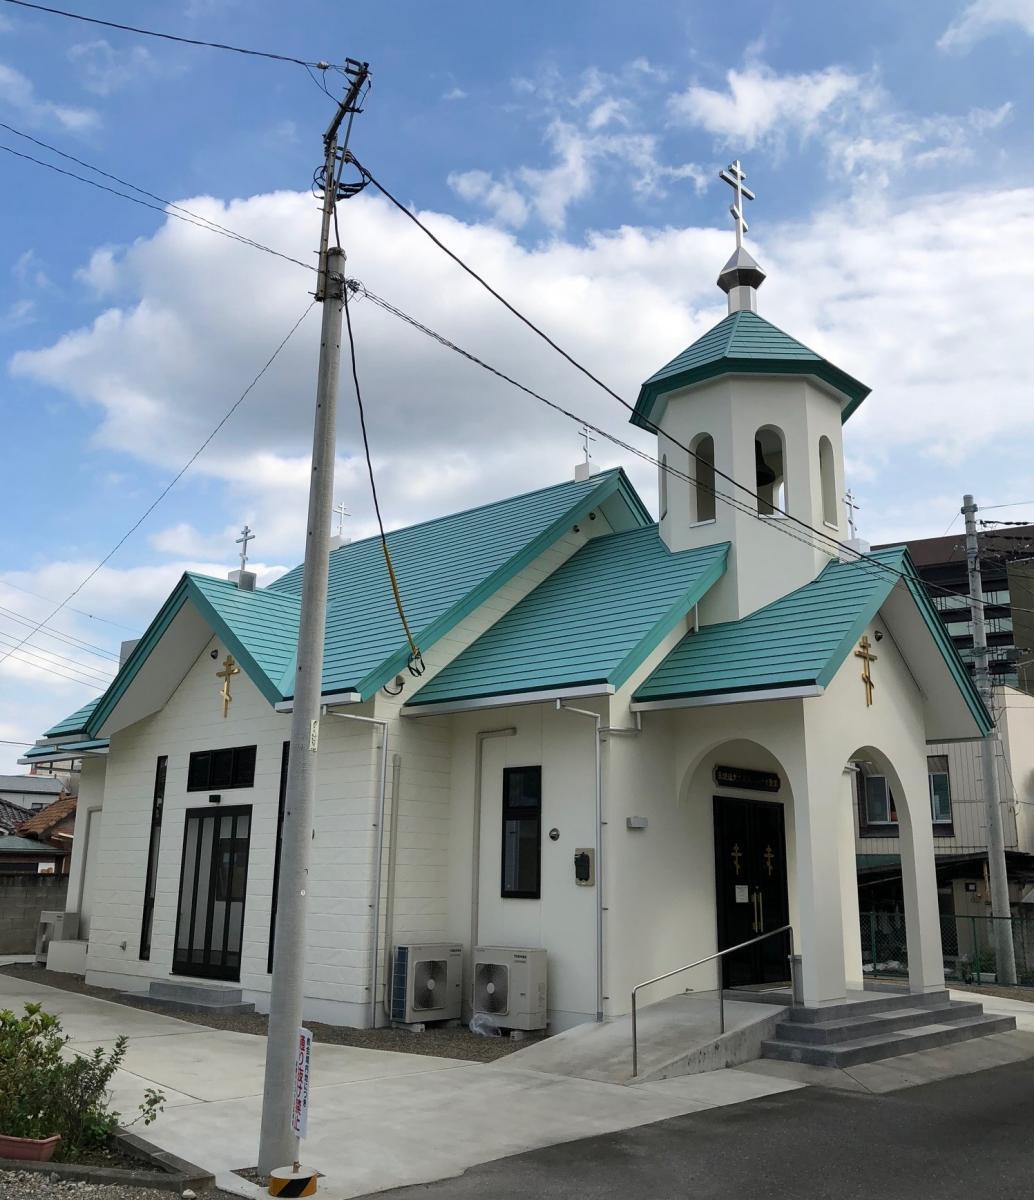 前橋ハリストス正教会・亜使徒大主教聖ニコライ聖堂_建物全景